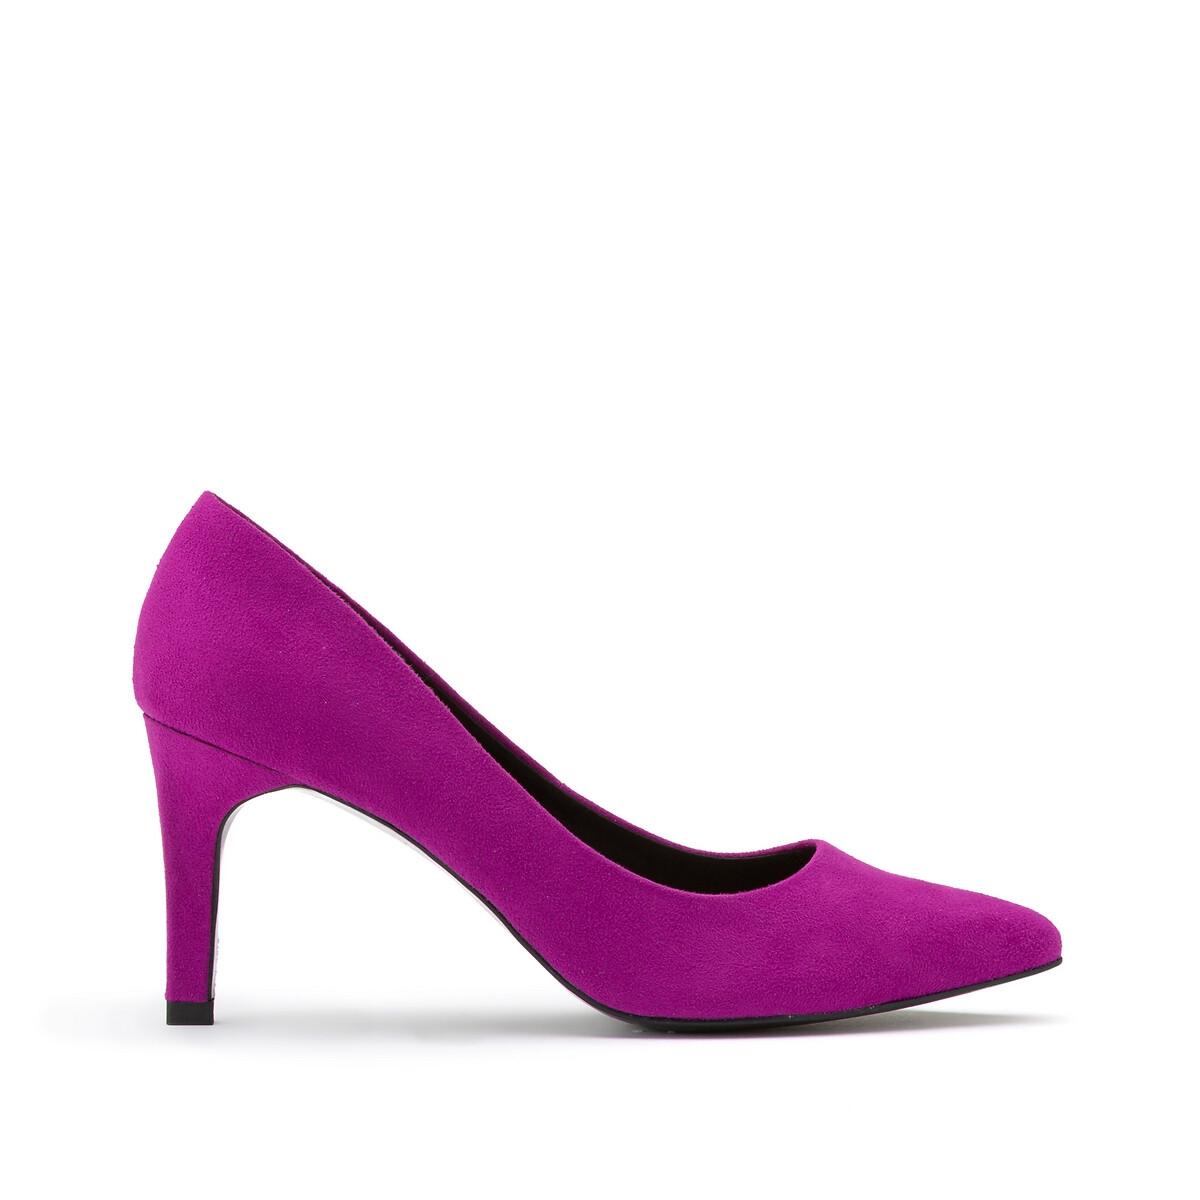 Туфли LaRedoute На высоком каблуке 36 фиолетовый